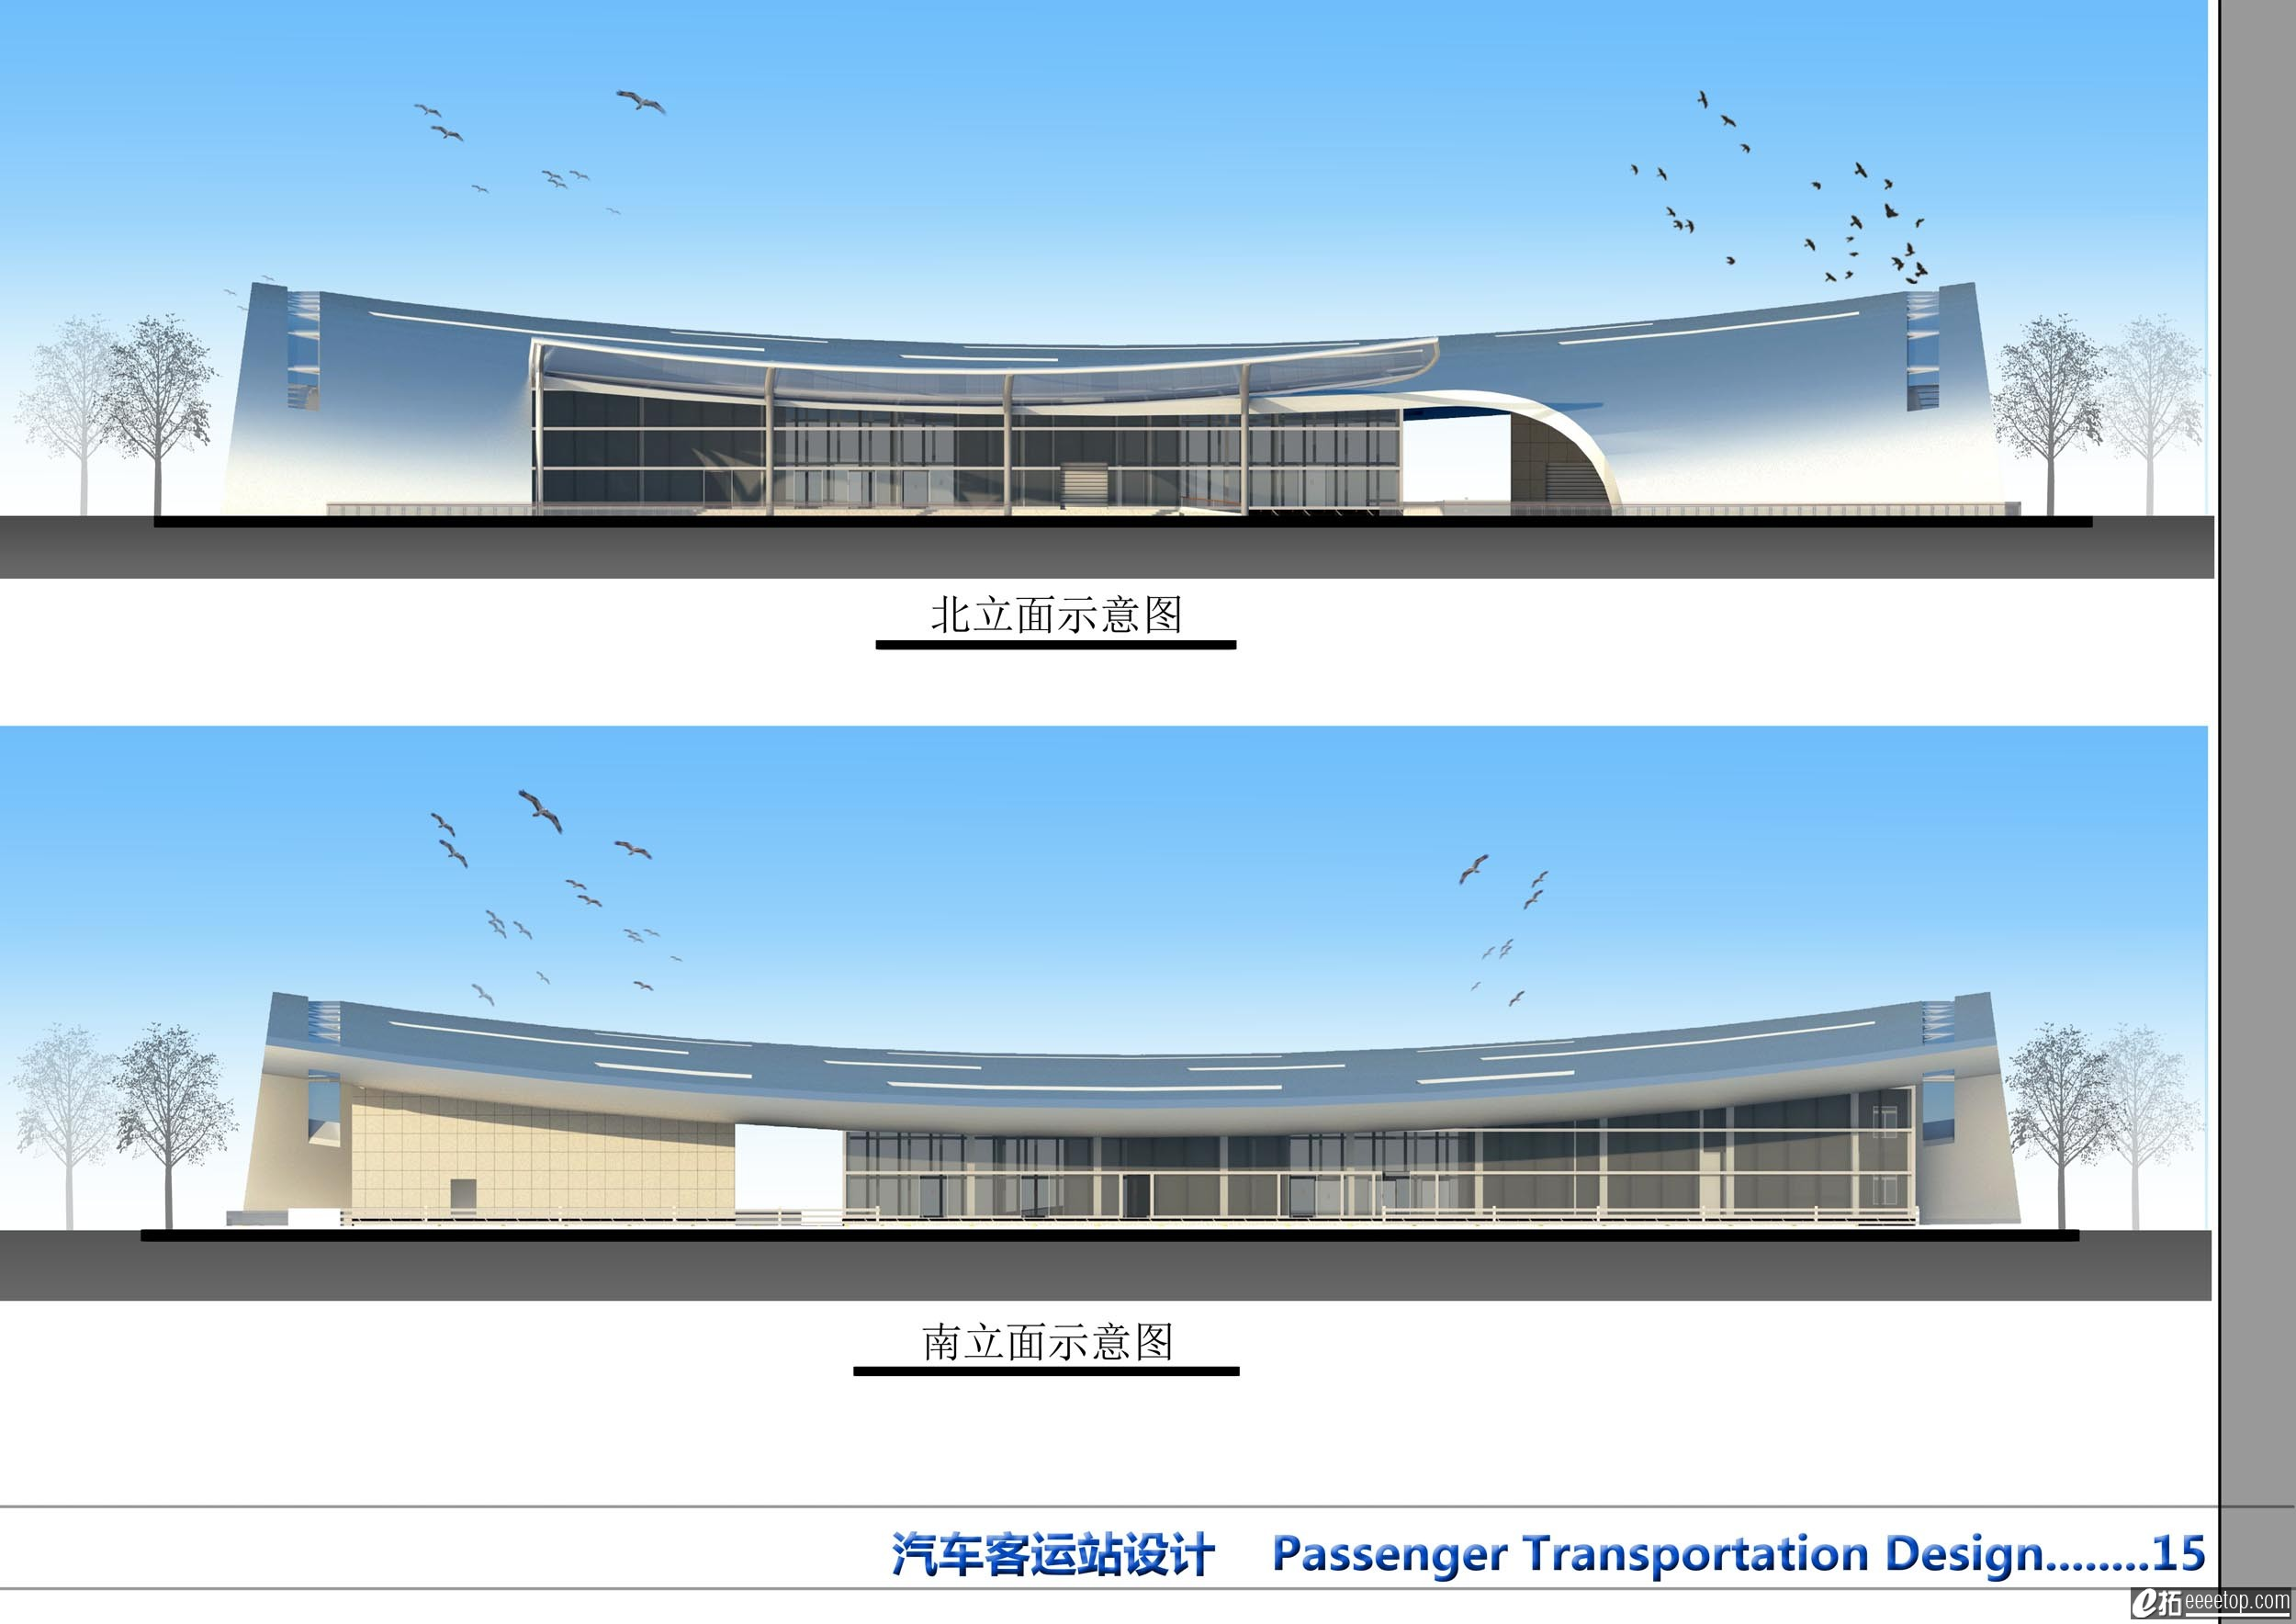 急急忙忙中完成的客运站设计